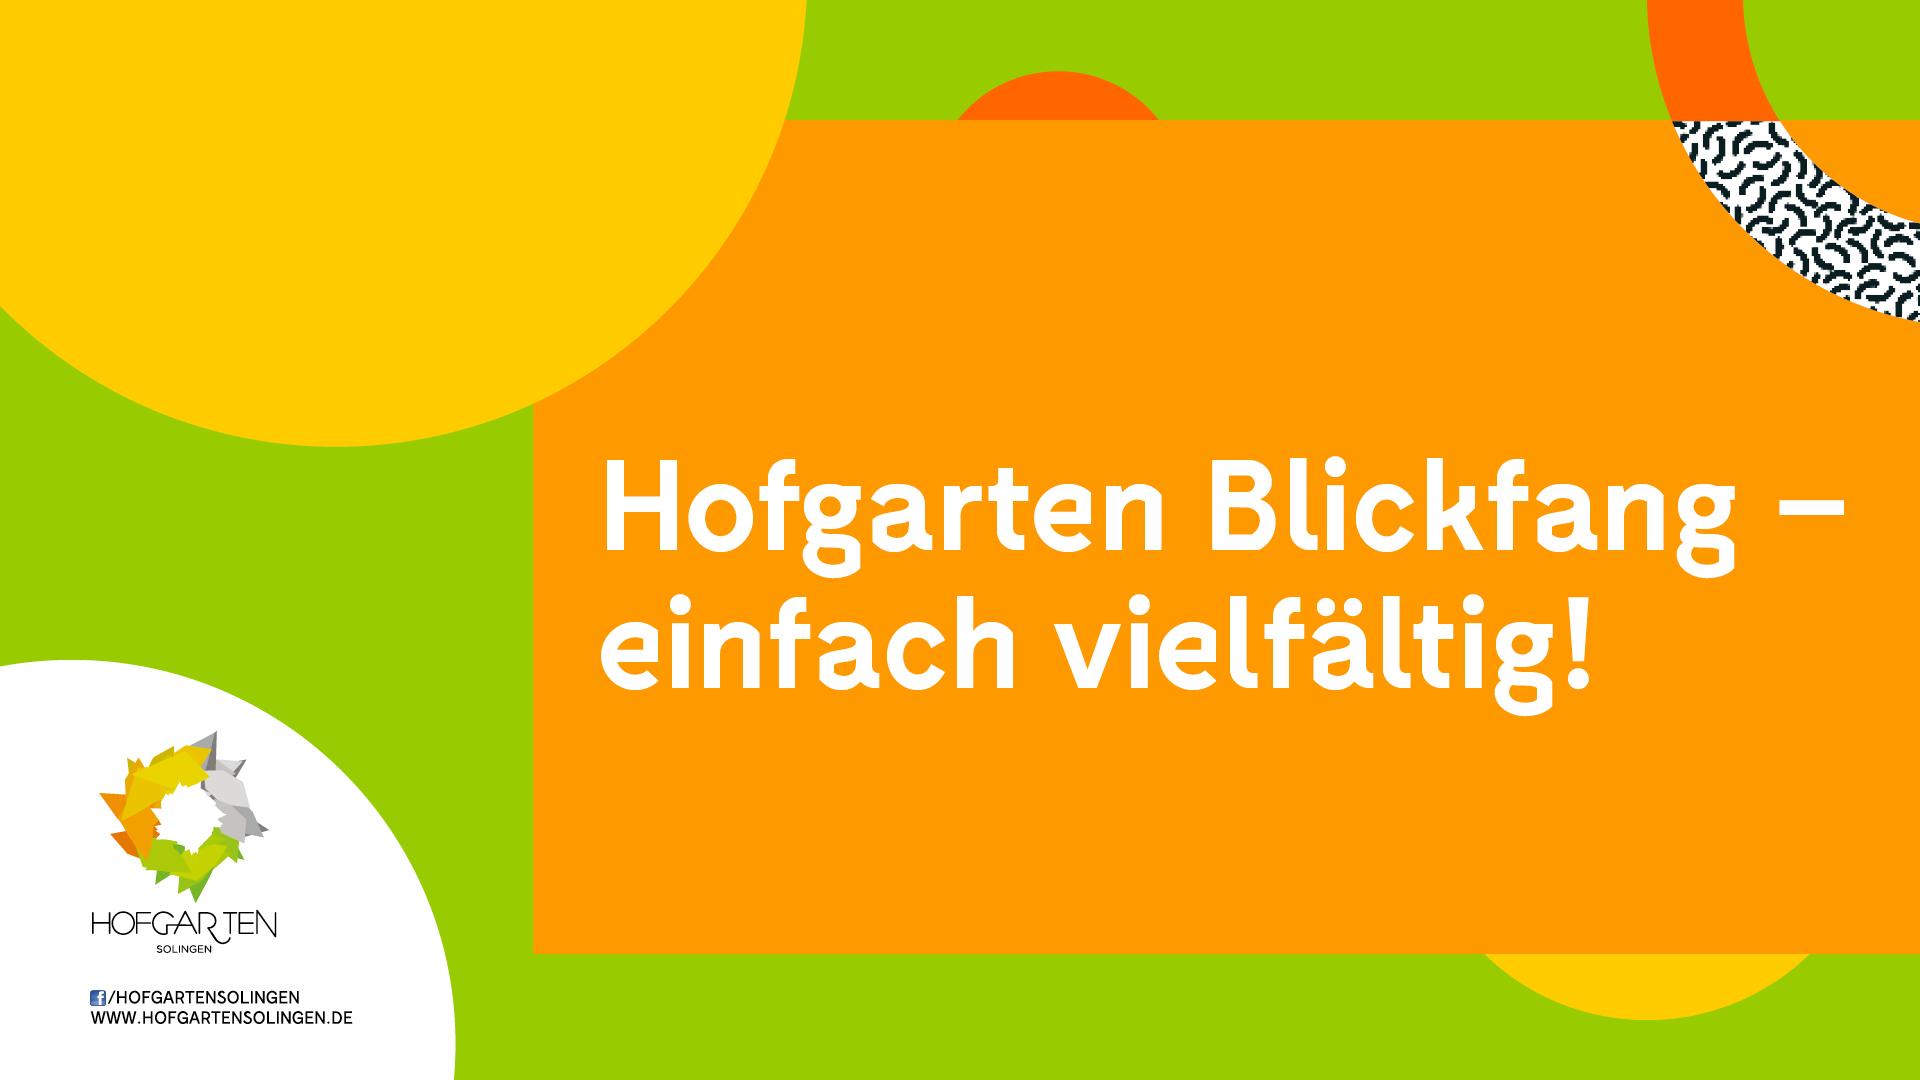 HOFGARTEN SOLINGEN startet Aktion 'Hofgarten Blickfang'